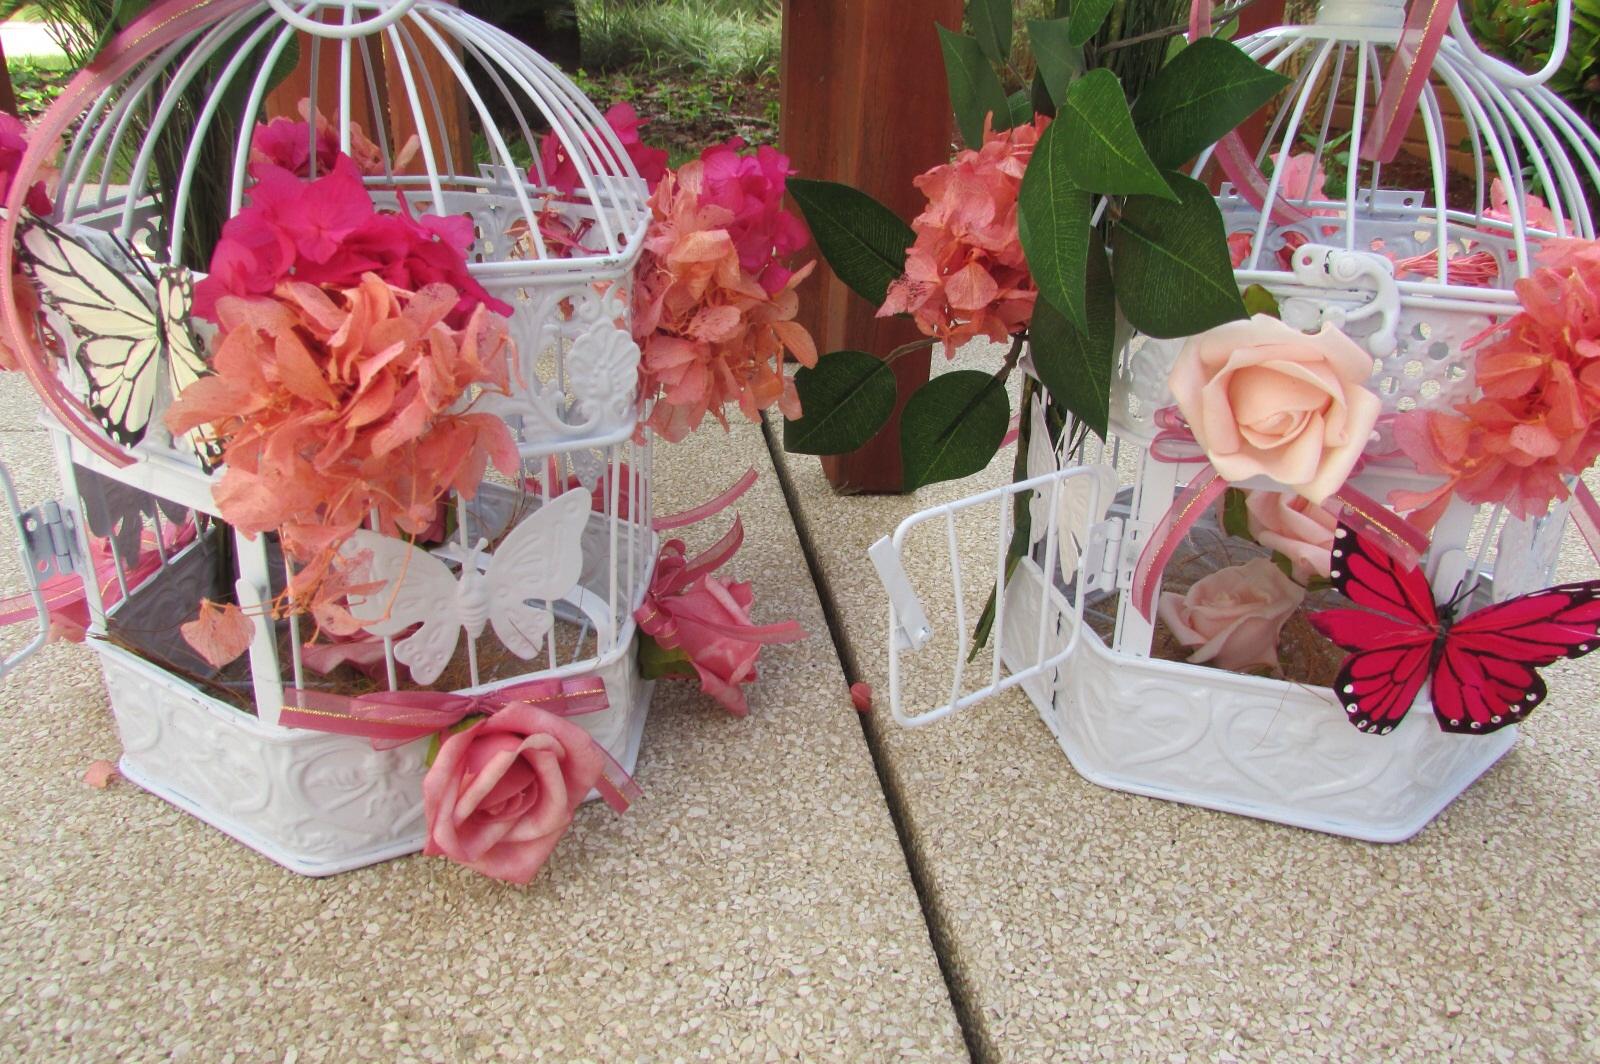 festa jardim rustica:festa jardim encantado rosa e pink i gaiola provencal kit festa jardim